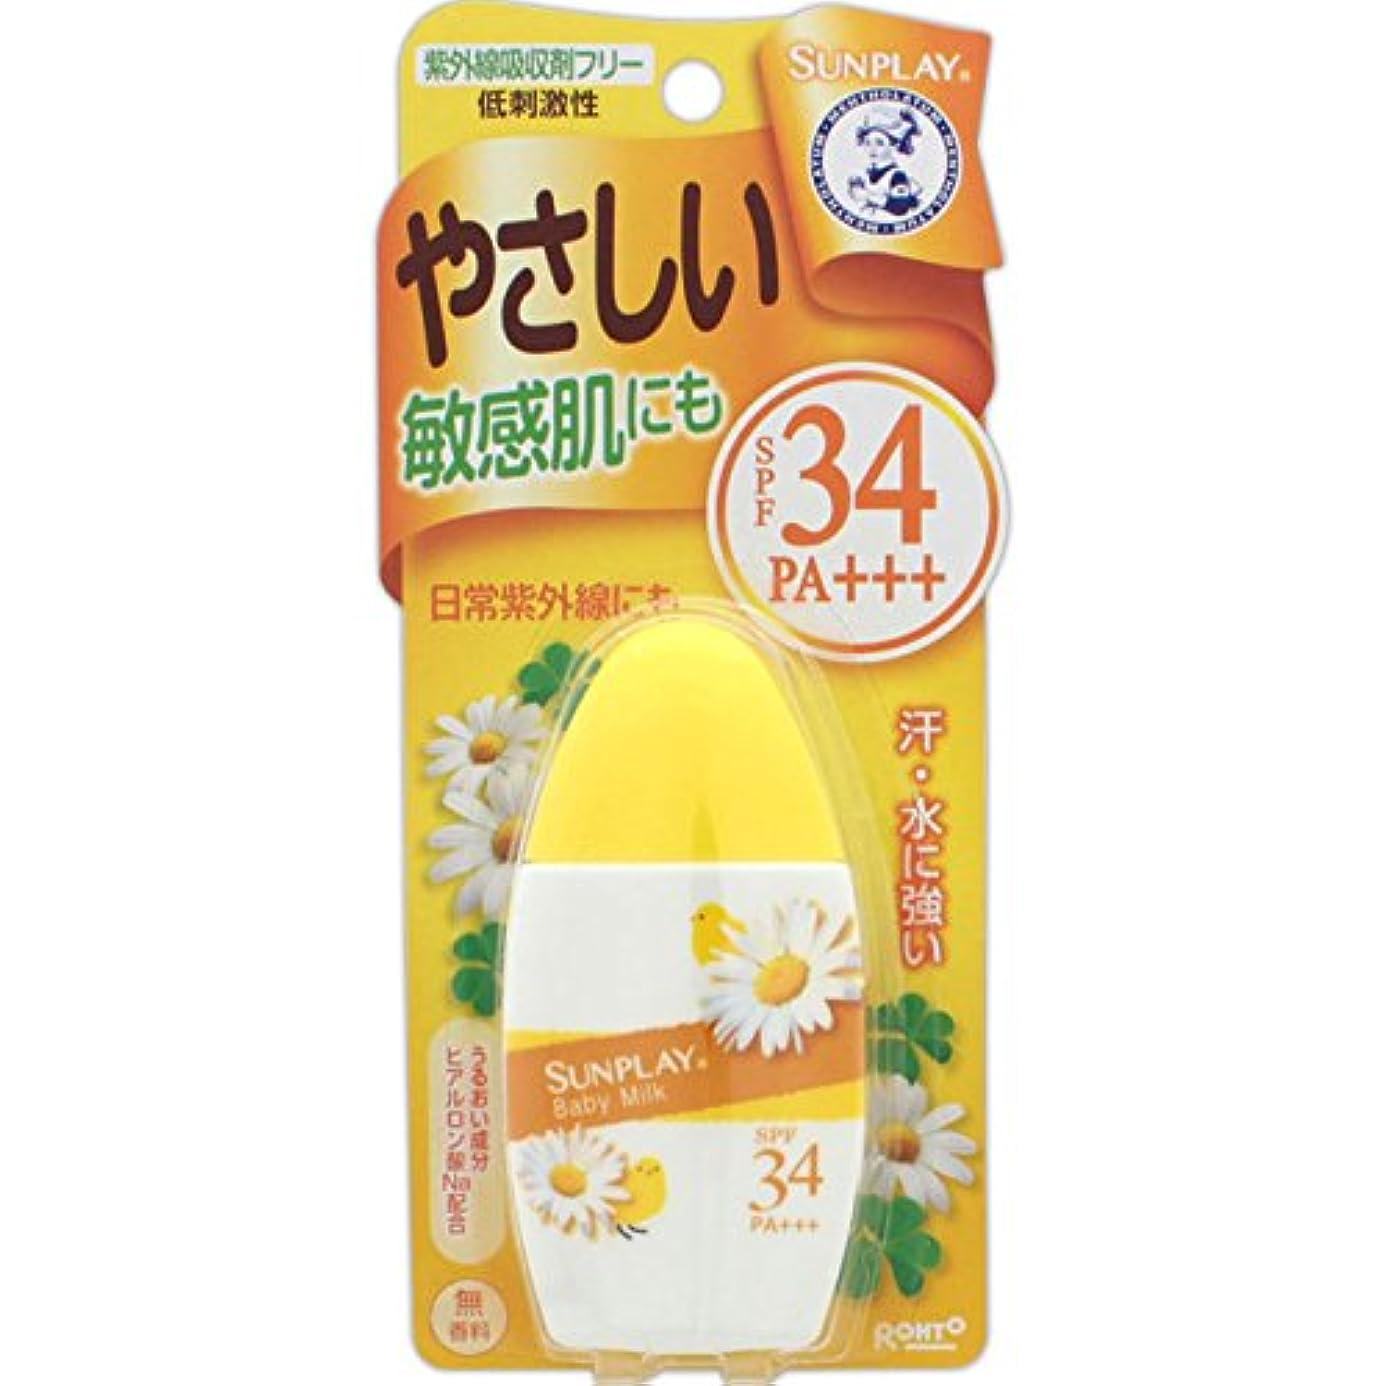 ストレッチ累積ギャラントリーメンソレータム サンプレイ ベビーミルク 低刺激性 SPF34 PA+++ 30g